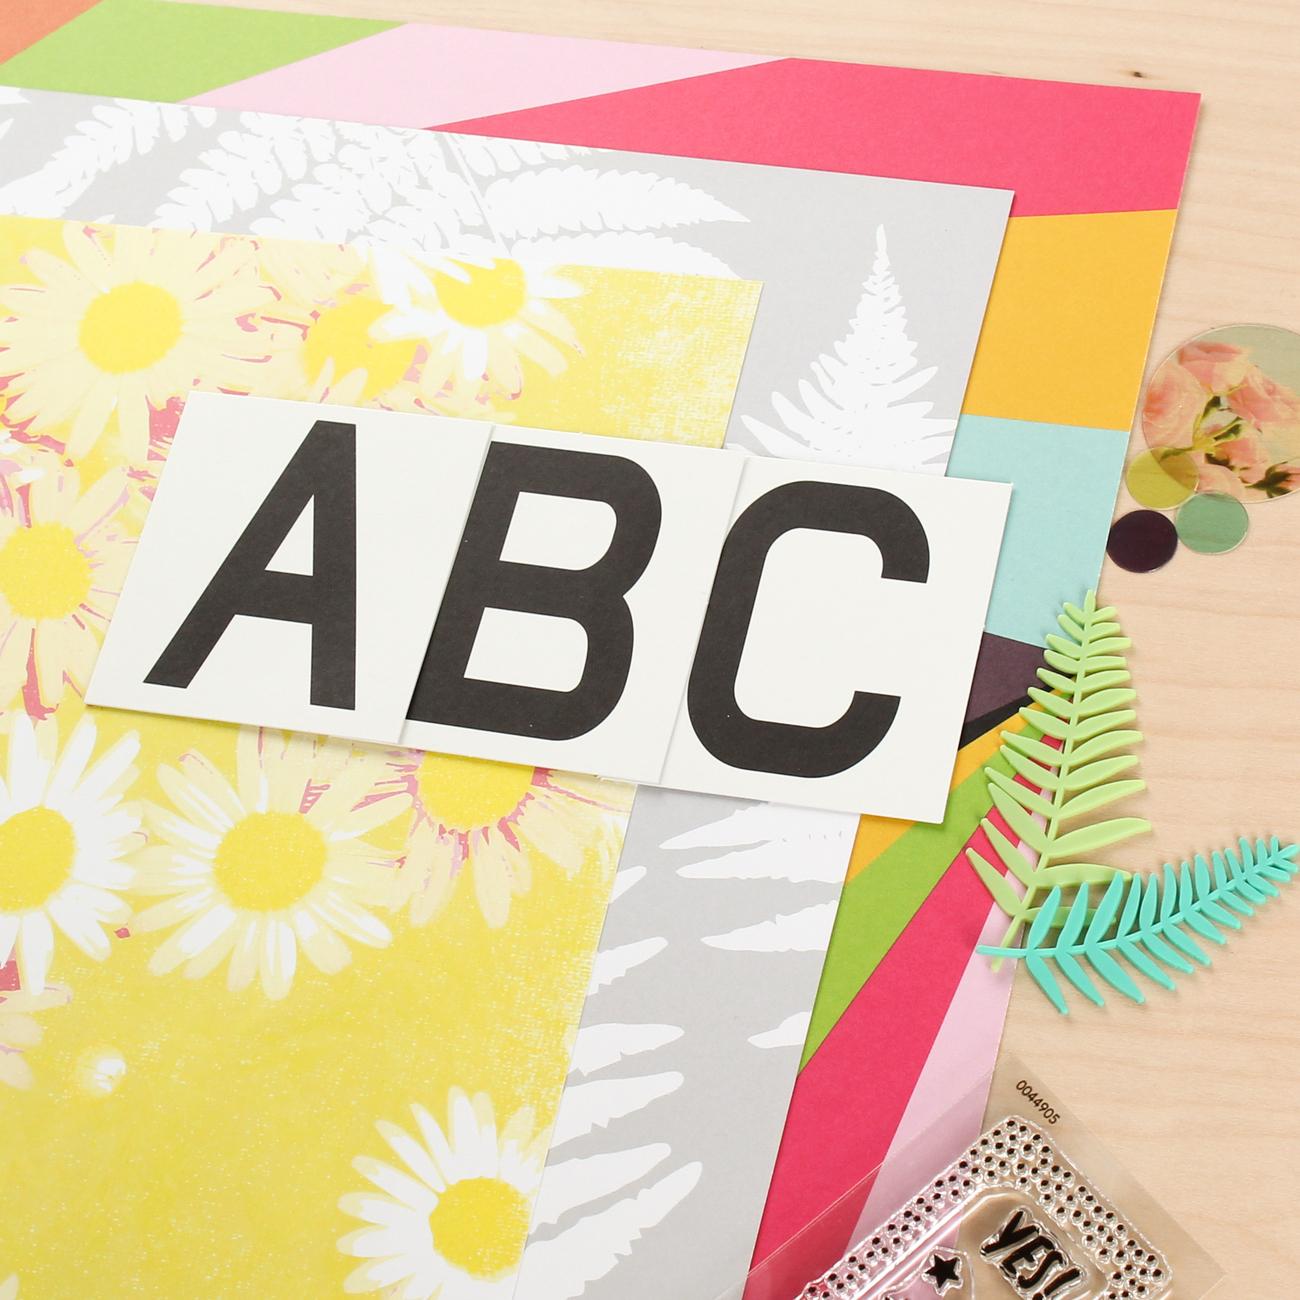 Picture 3 of POP ART Scrapbook Kit